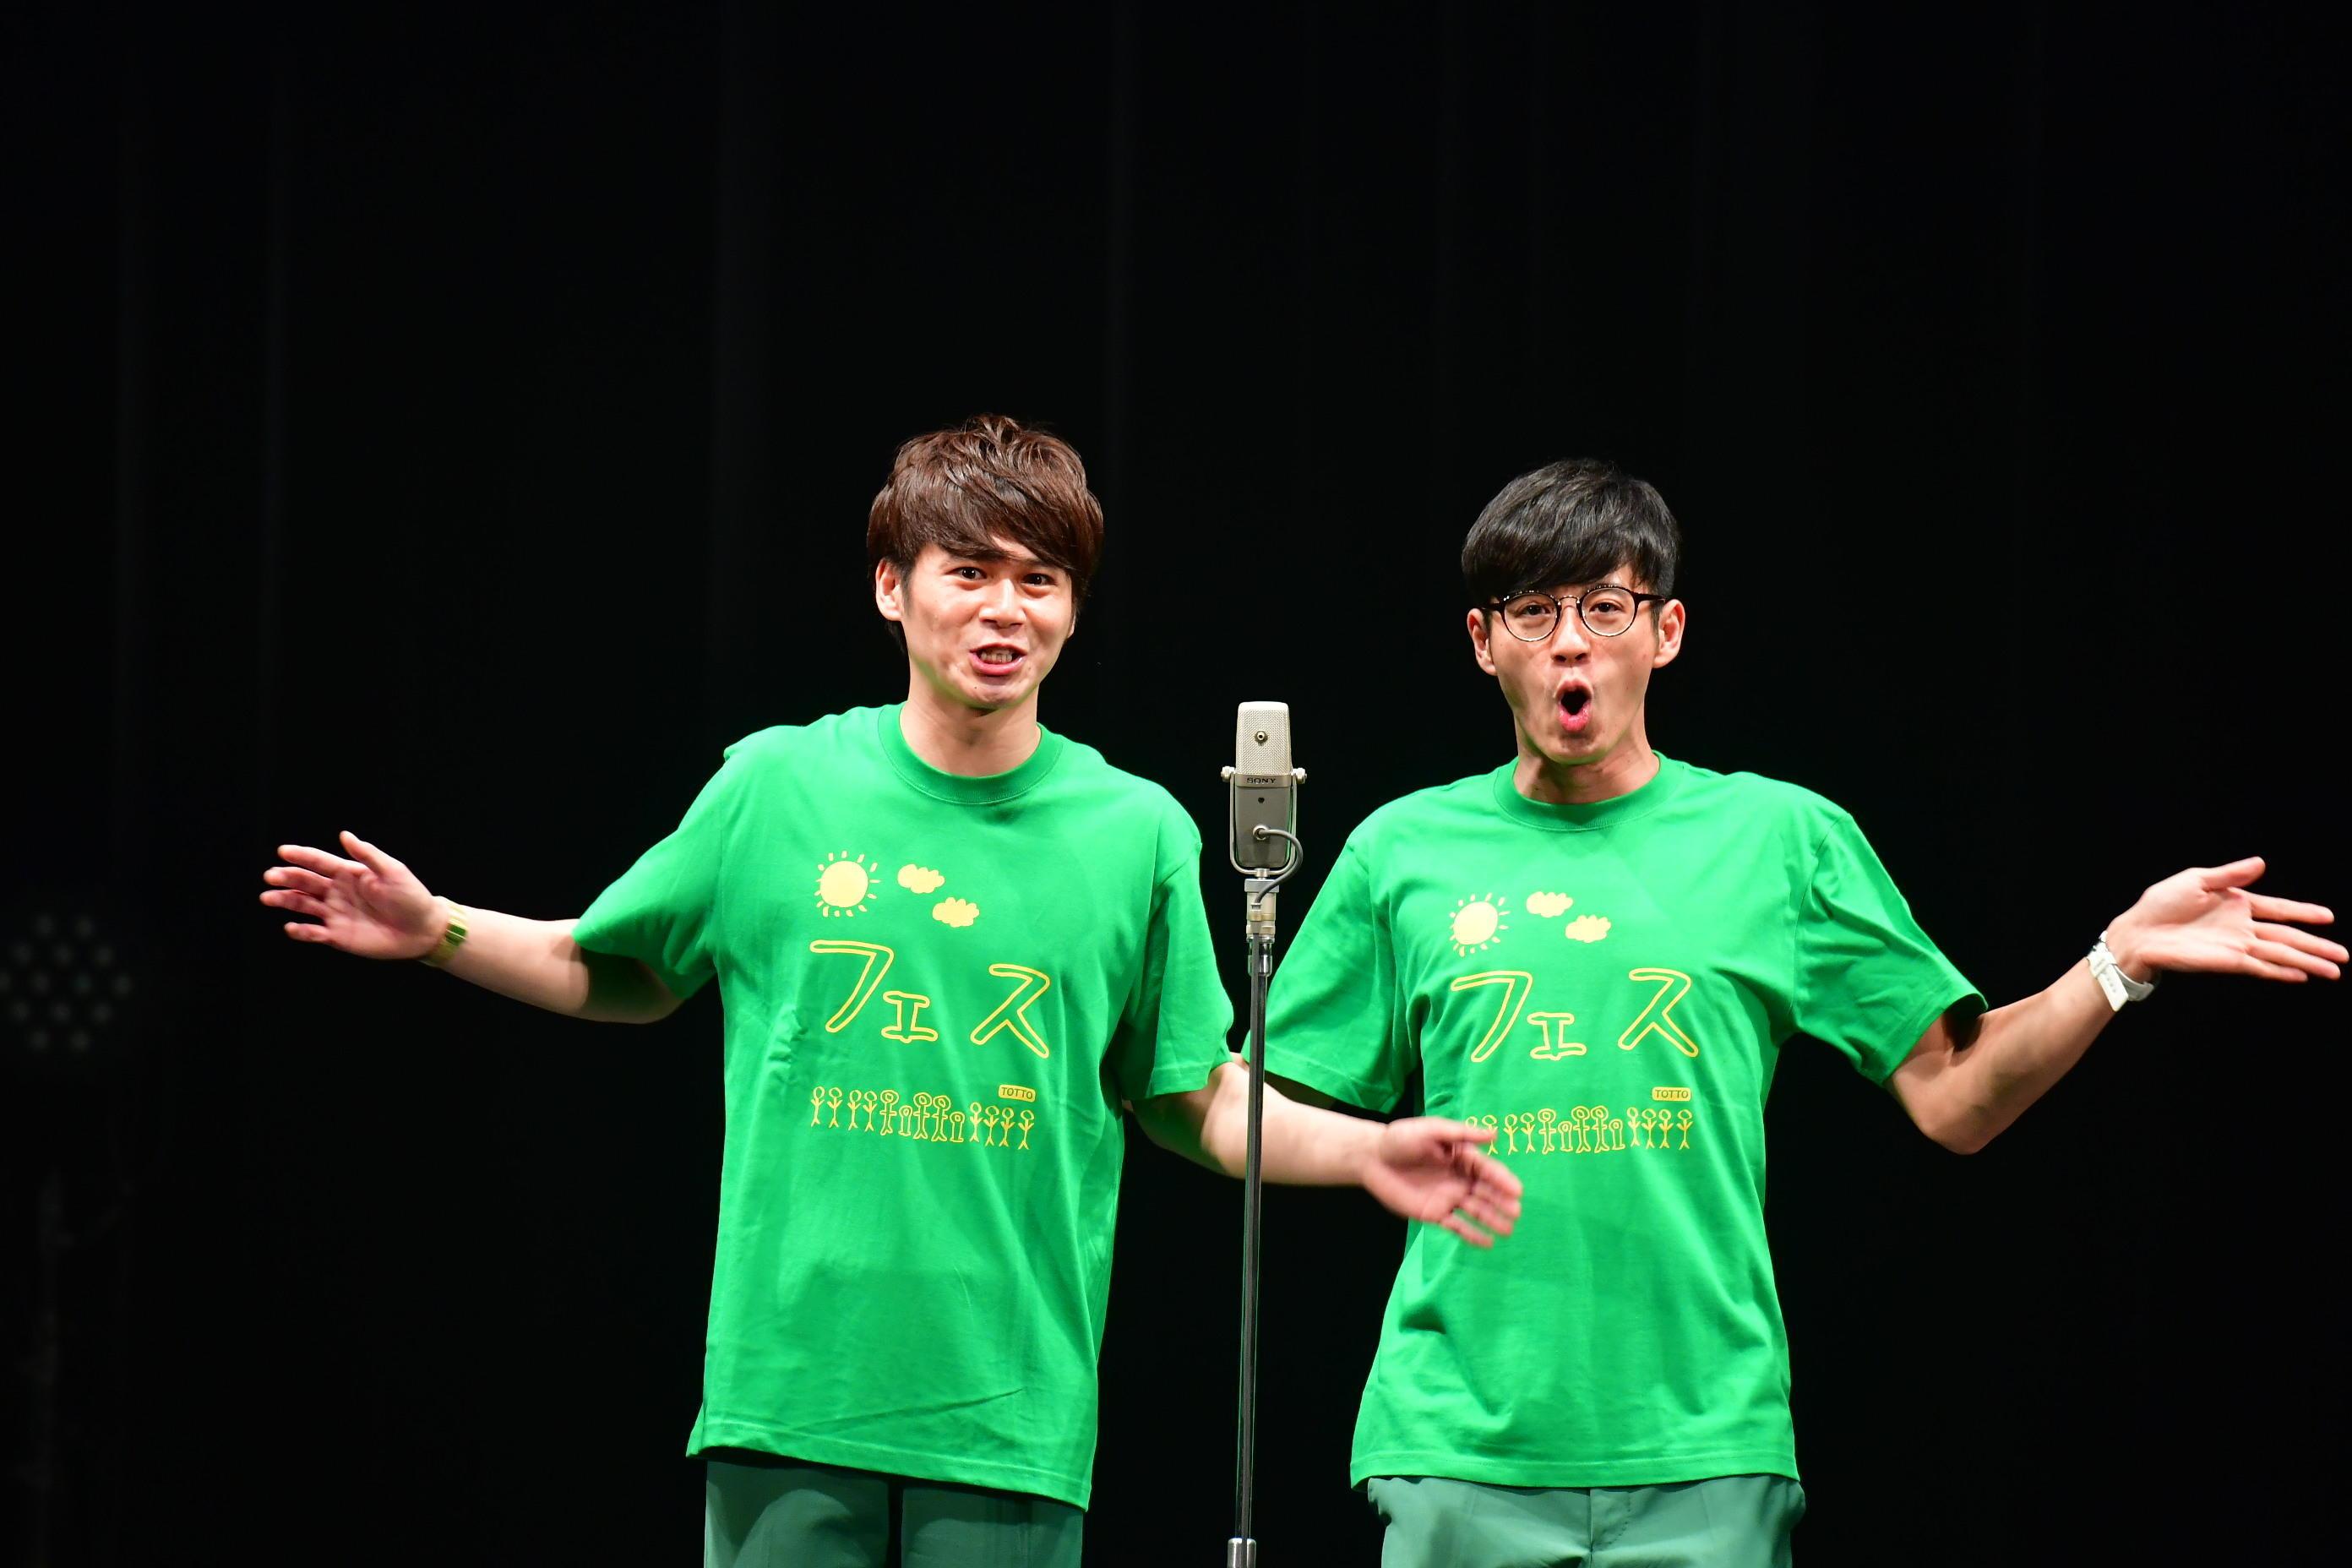 http://news.yoshimoto.co.jp/20180803005925-fbf5d74794ec272079e56bc7122b610b8a3d2ffa.jpg